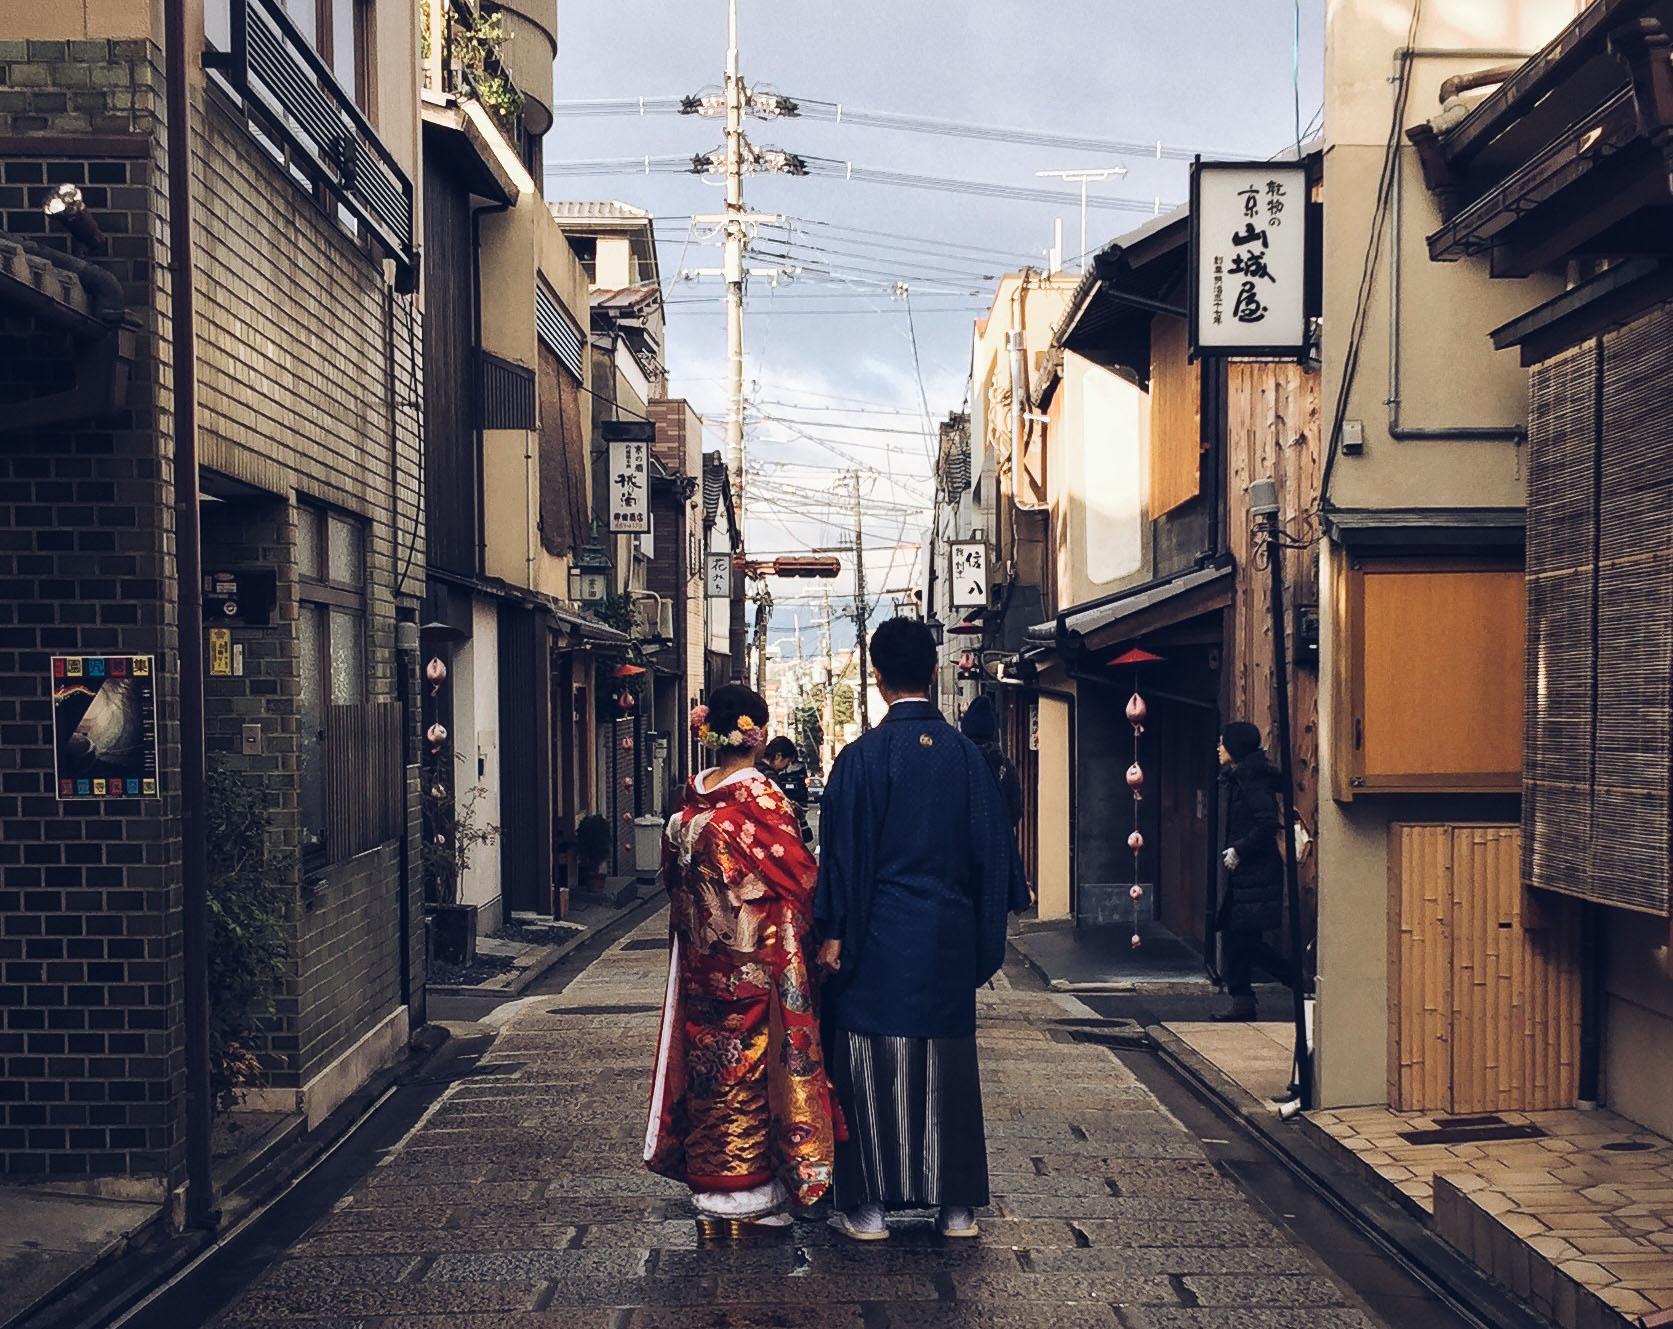 Instagramming Japan - costumes in kyoto